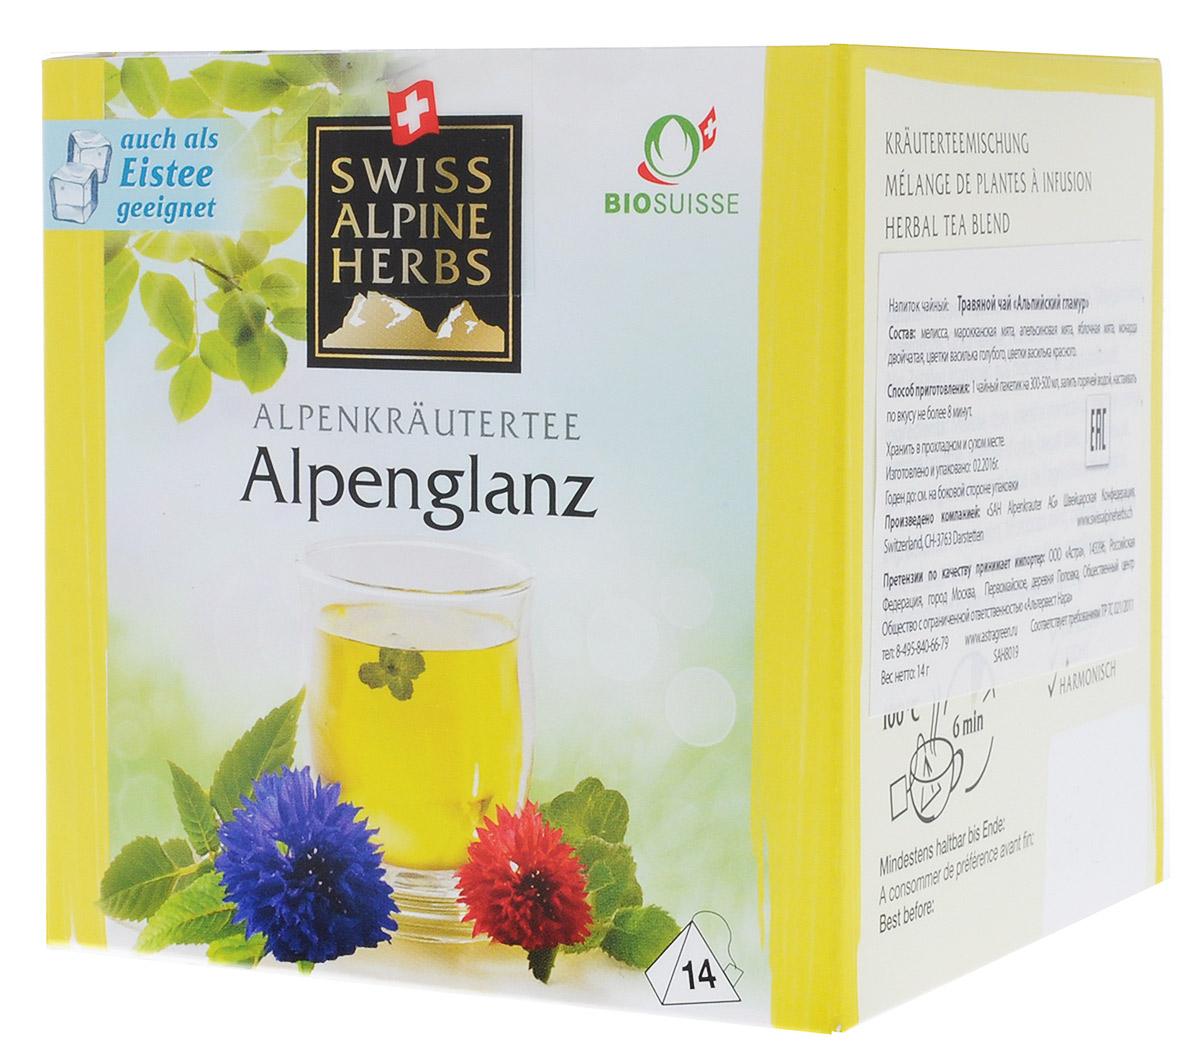 Swiss Alpine Herbs Альпийский гламур травяной чай в пакетиках, 14 штSAH8019Элитный чай в пирамидках Swiss Alpine Herbs- это вкусный, бодрящий и тонизирующий напиток. В его состав входят альпийские травы: мелисса, марокканская мята, апельсиновая мята, яблочная мята, двойчатая монарда, цветки голубого и красного василька. Это не просто вкусный, но и очень полезный чай, который обеспечит ваш организм необходимыми витаминами.Всё о чае: сорта, факты, советы по выбору и употреблению. Статья OZON Гид